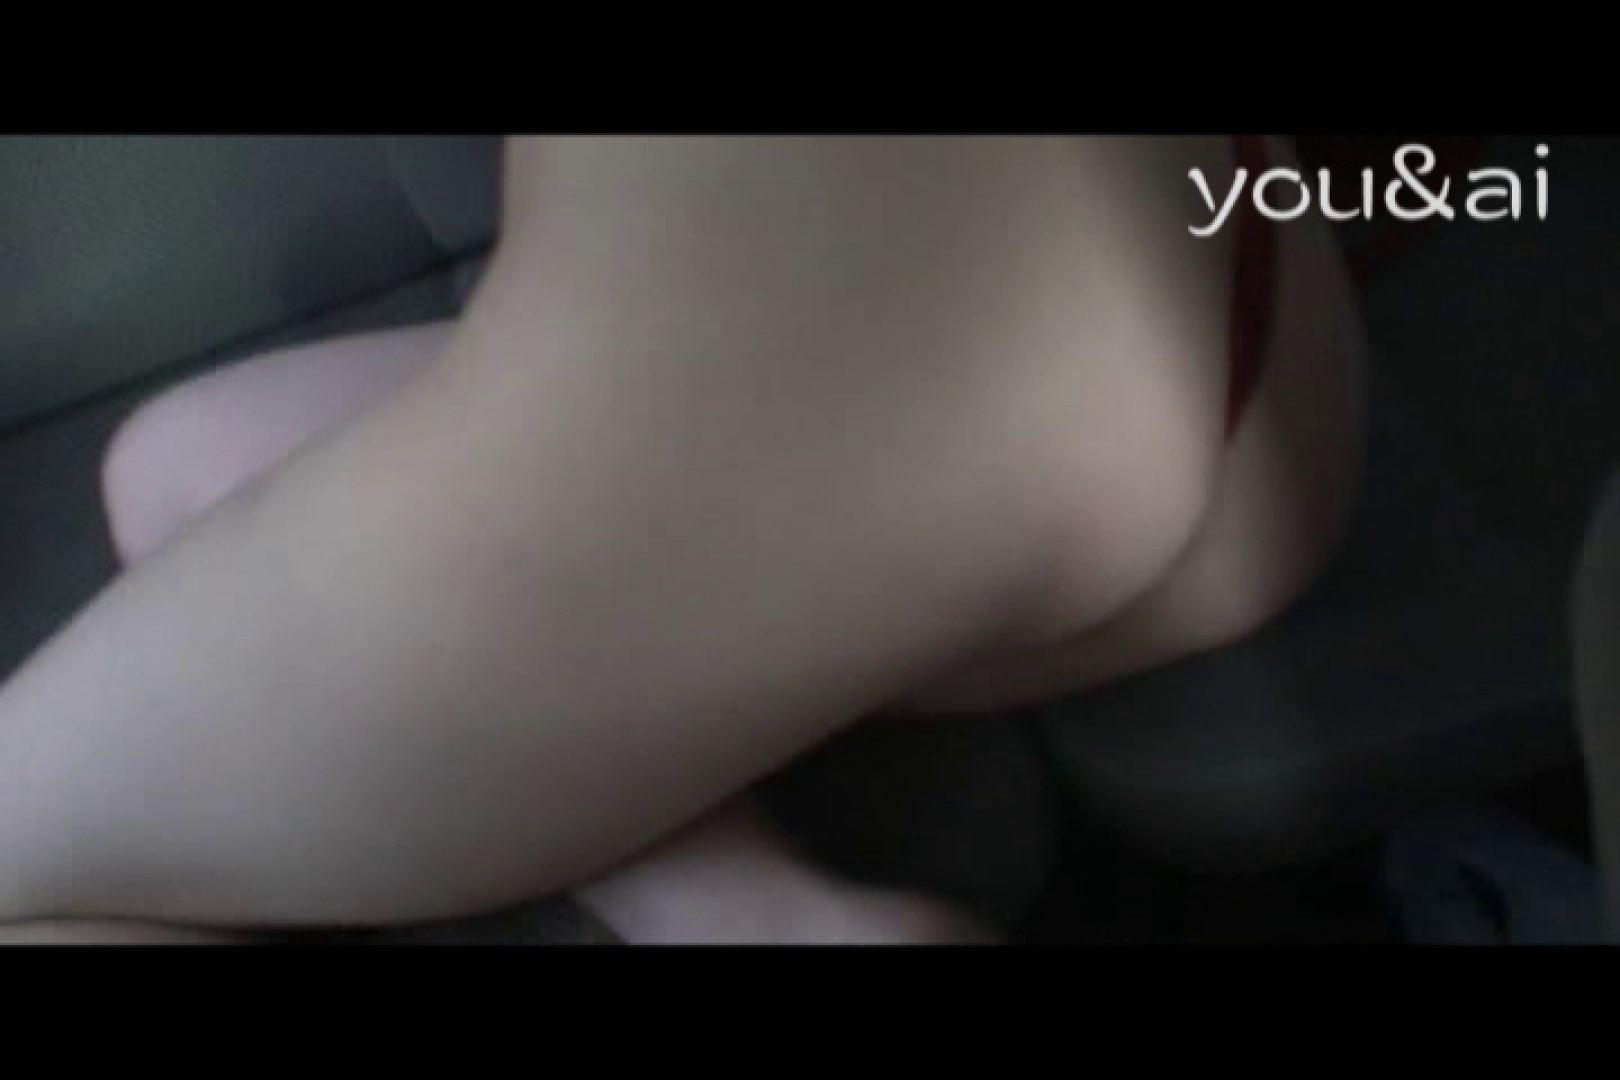 おしどり夫婦のyou&aiさん投稿作品vol.4 緊縛 濡れ場動画紹介 59連発 6